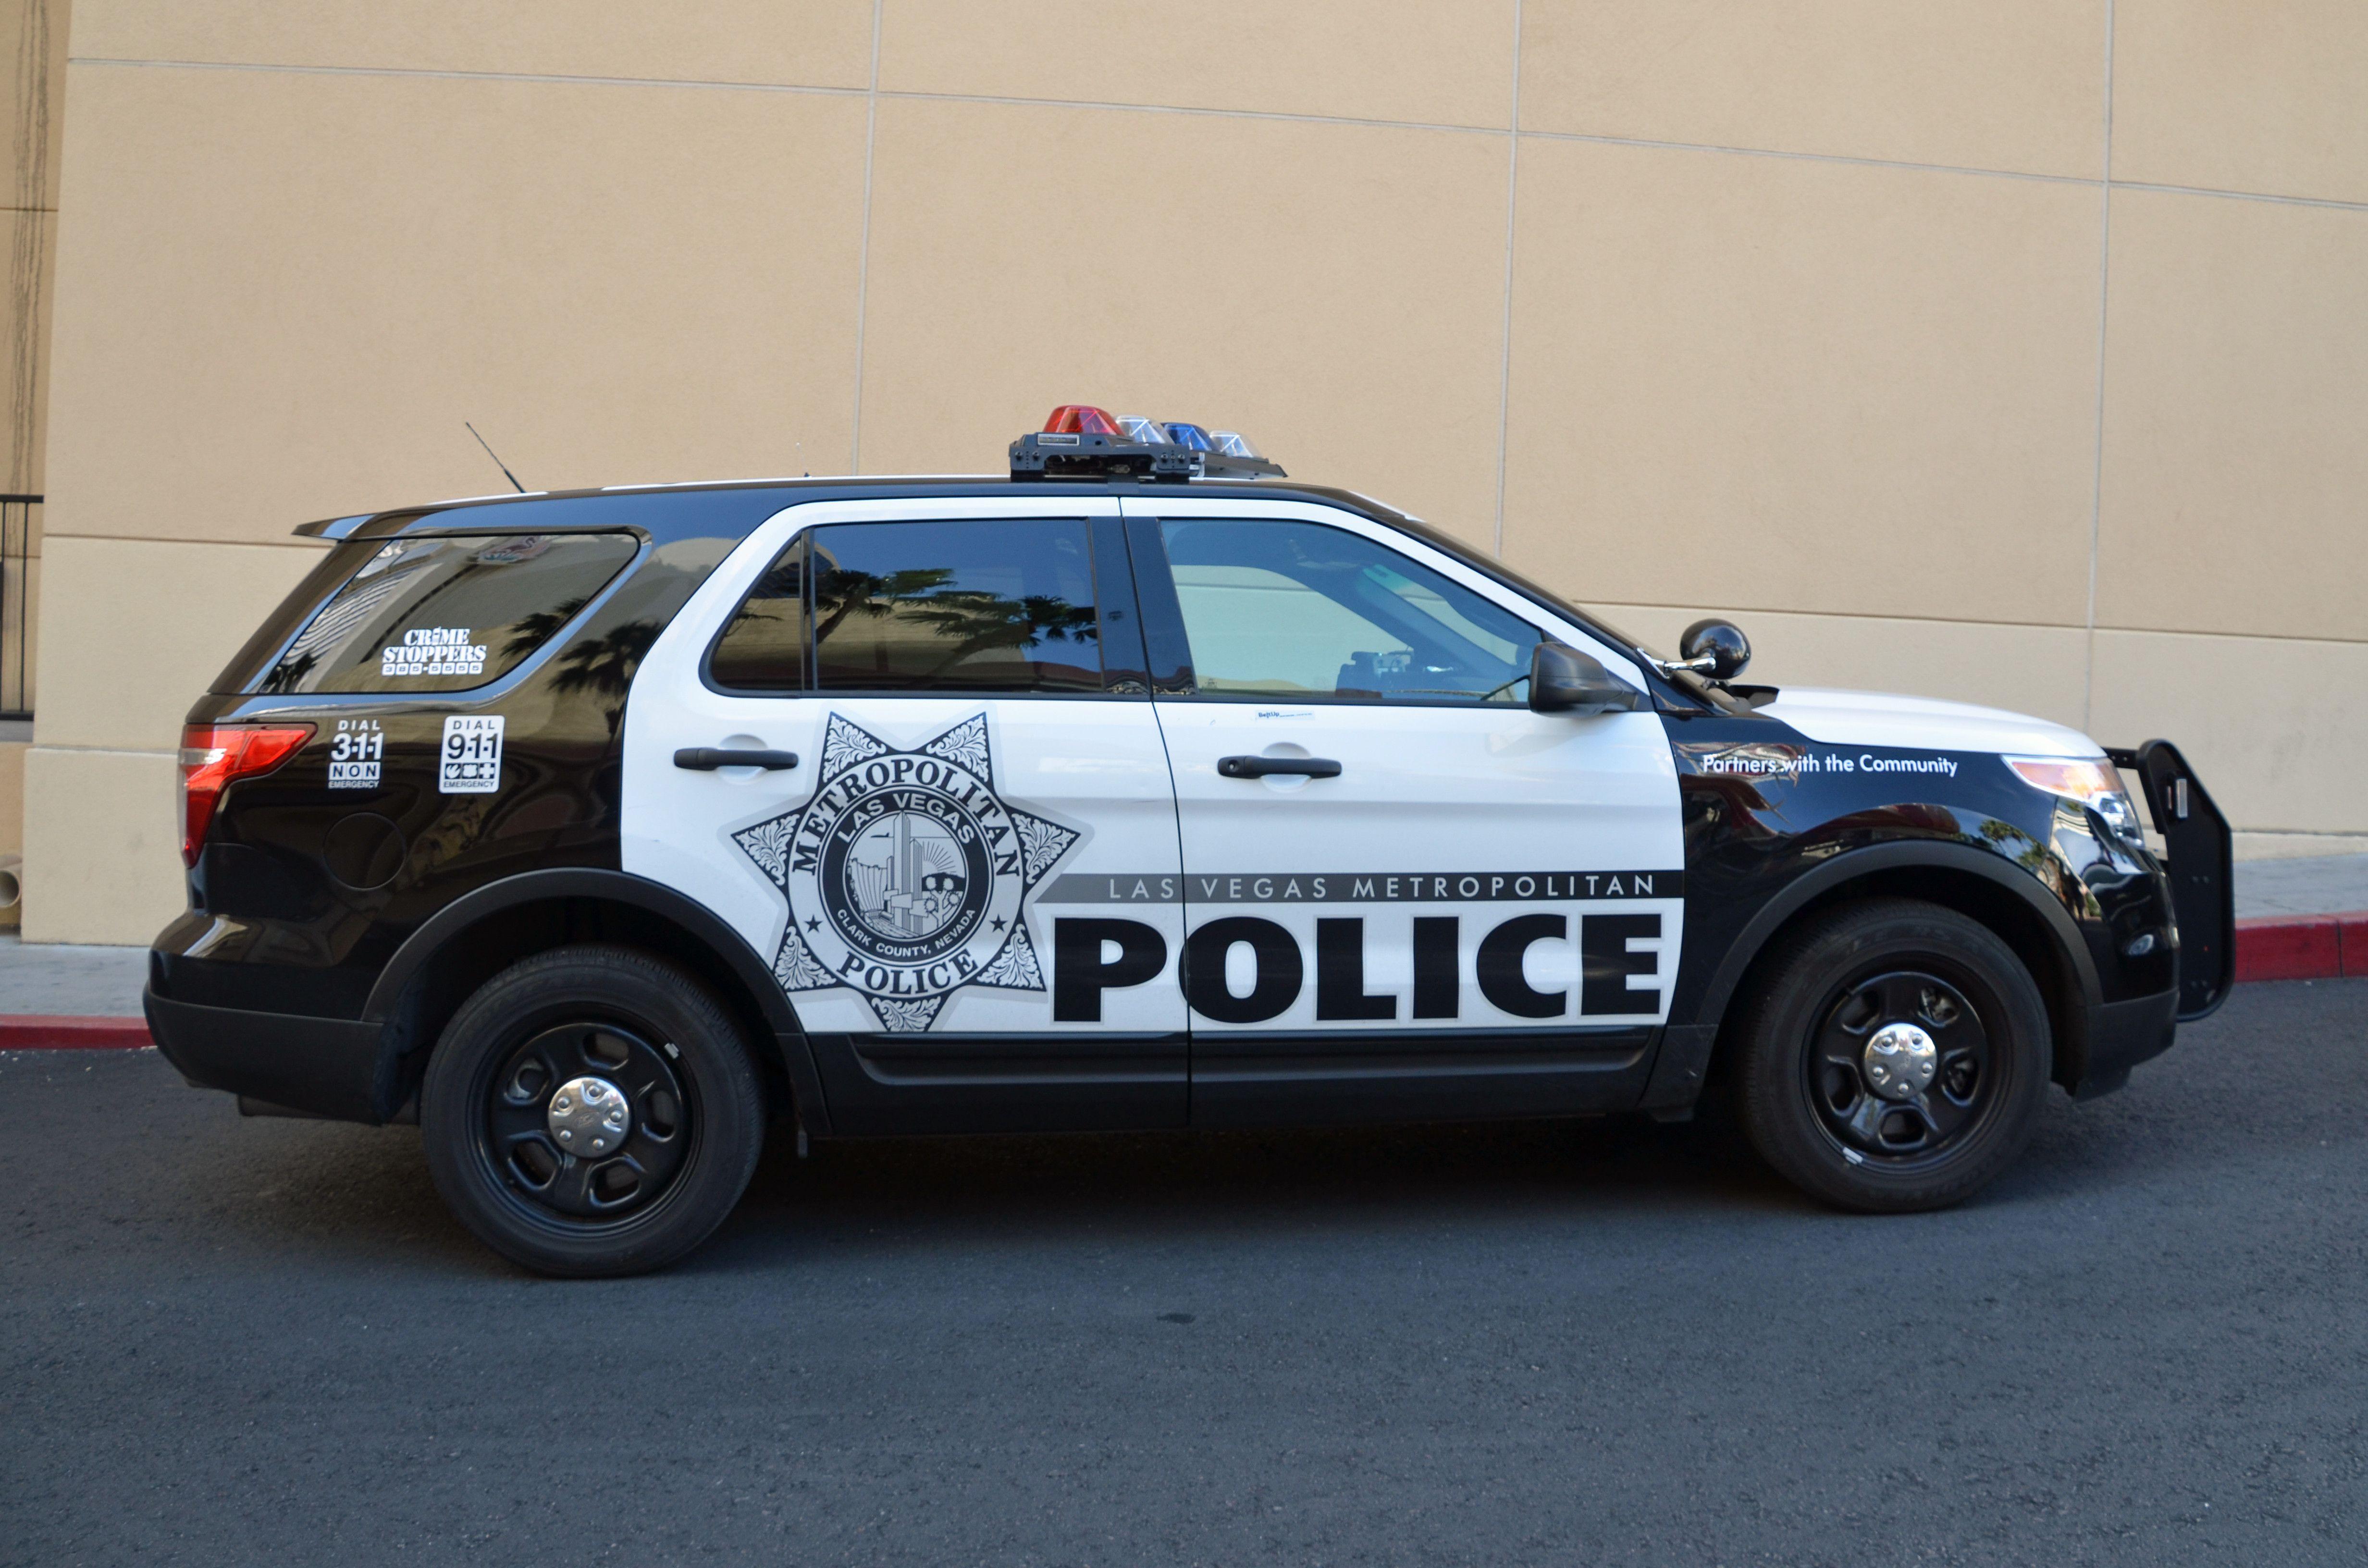 Pin On Las Vegas Metropolitan Police Department